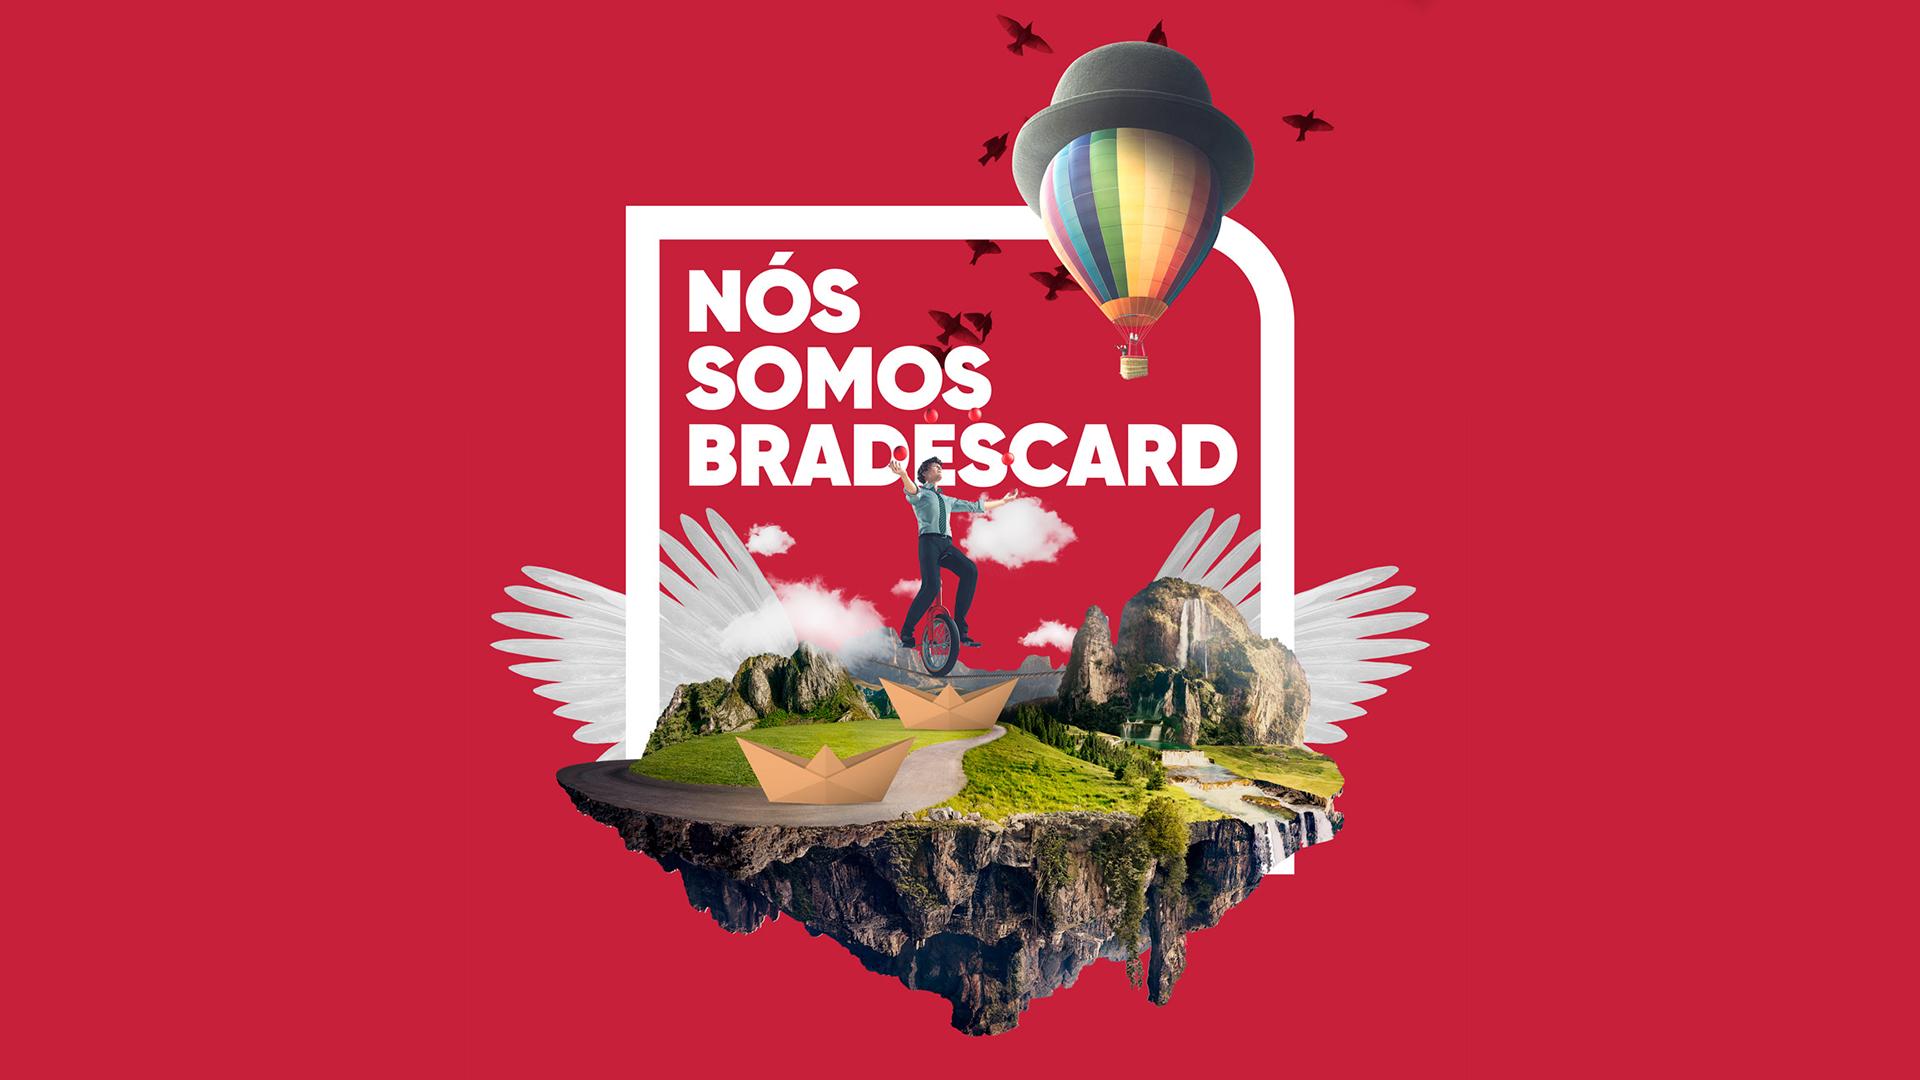 topo-site-bradescard.jpg